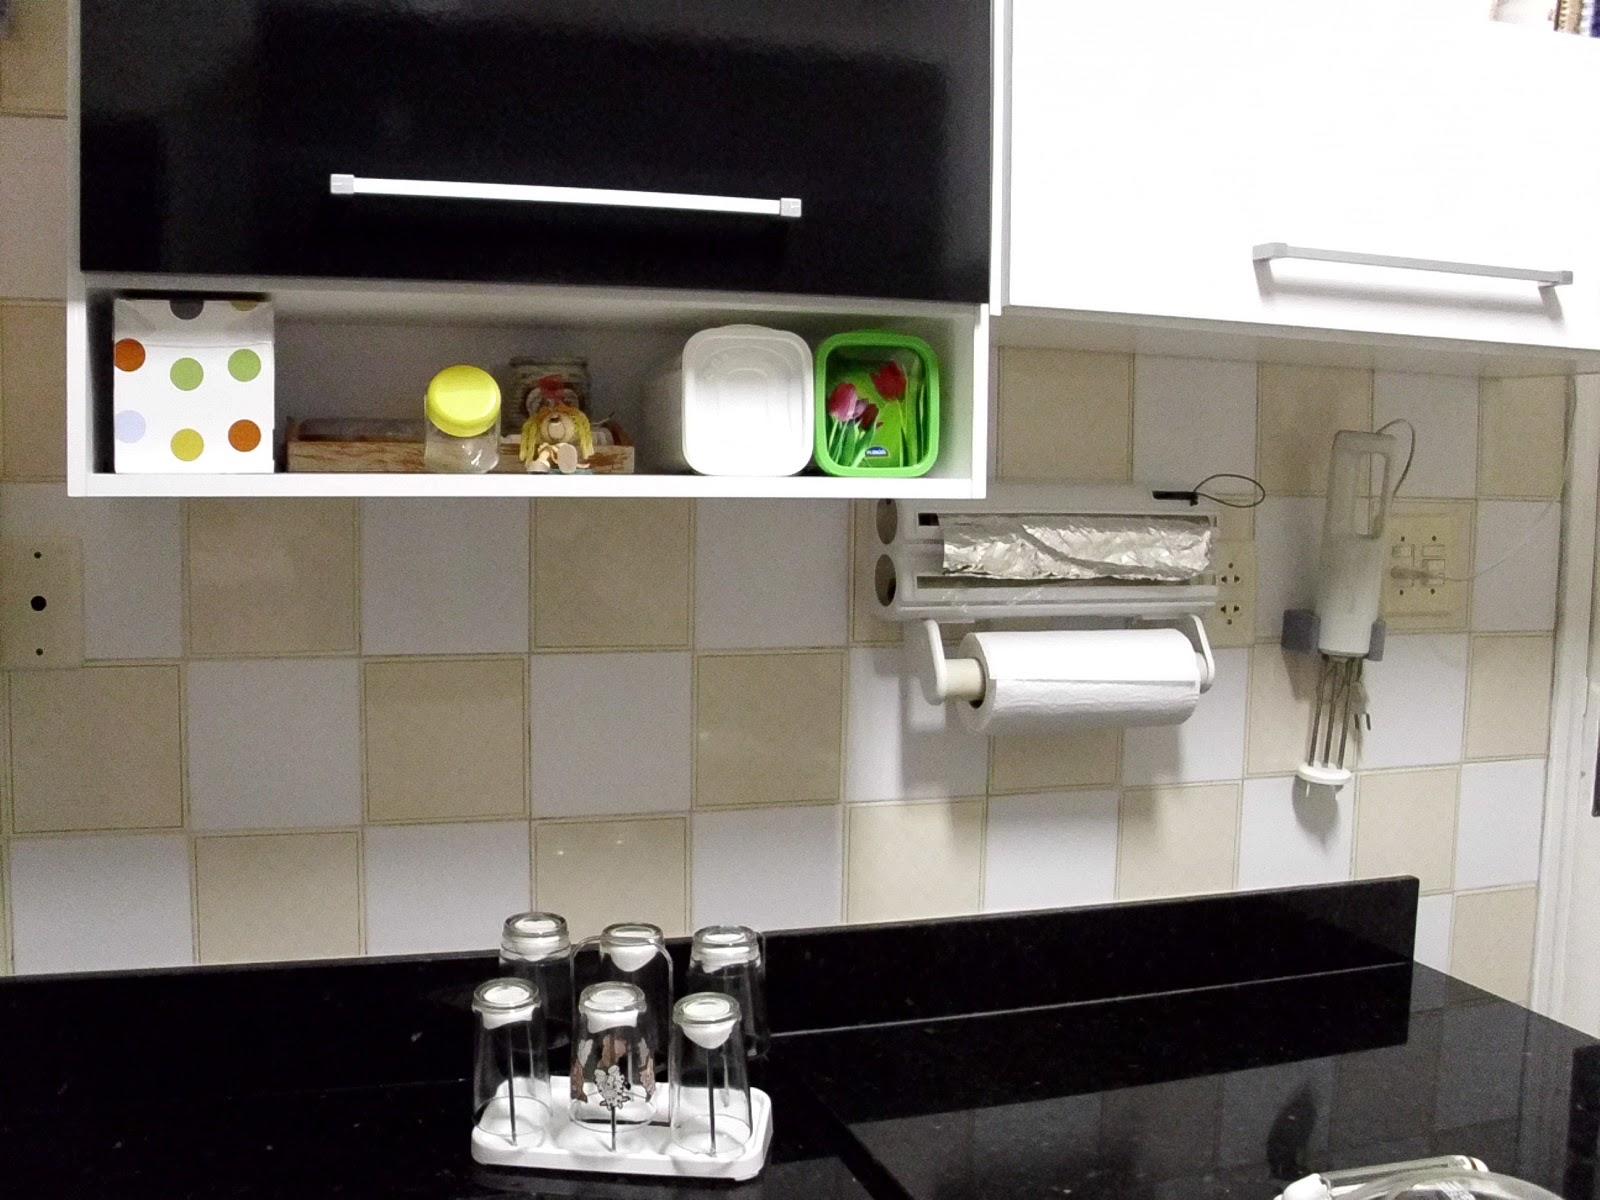 #9E9A2D Mania de Organizar e Viver Saudável: Melhorias em minha cozinha um  1600x1200 px Melhorias Na Cozinha_457 Imagens